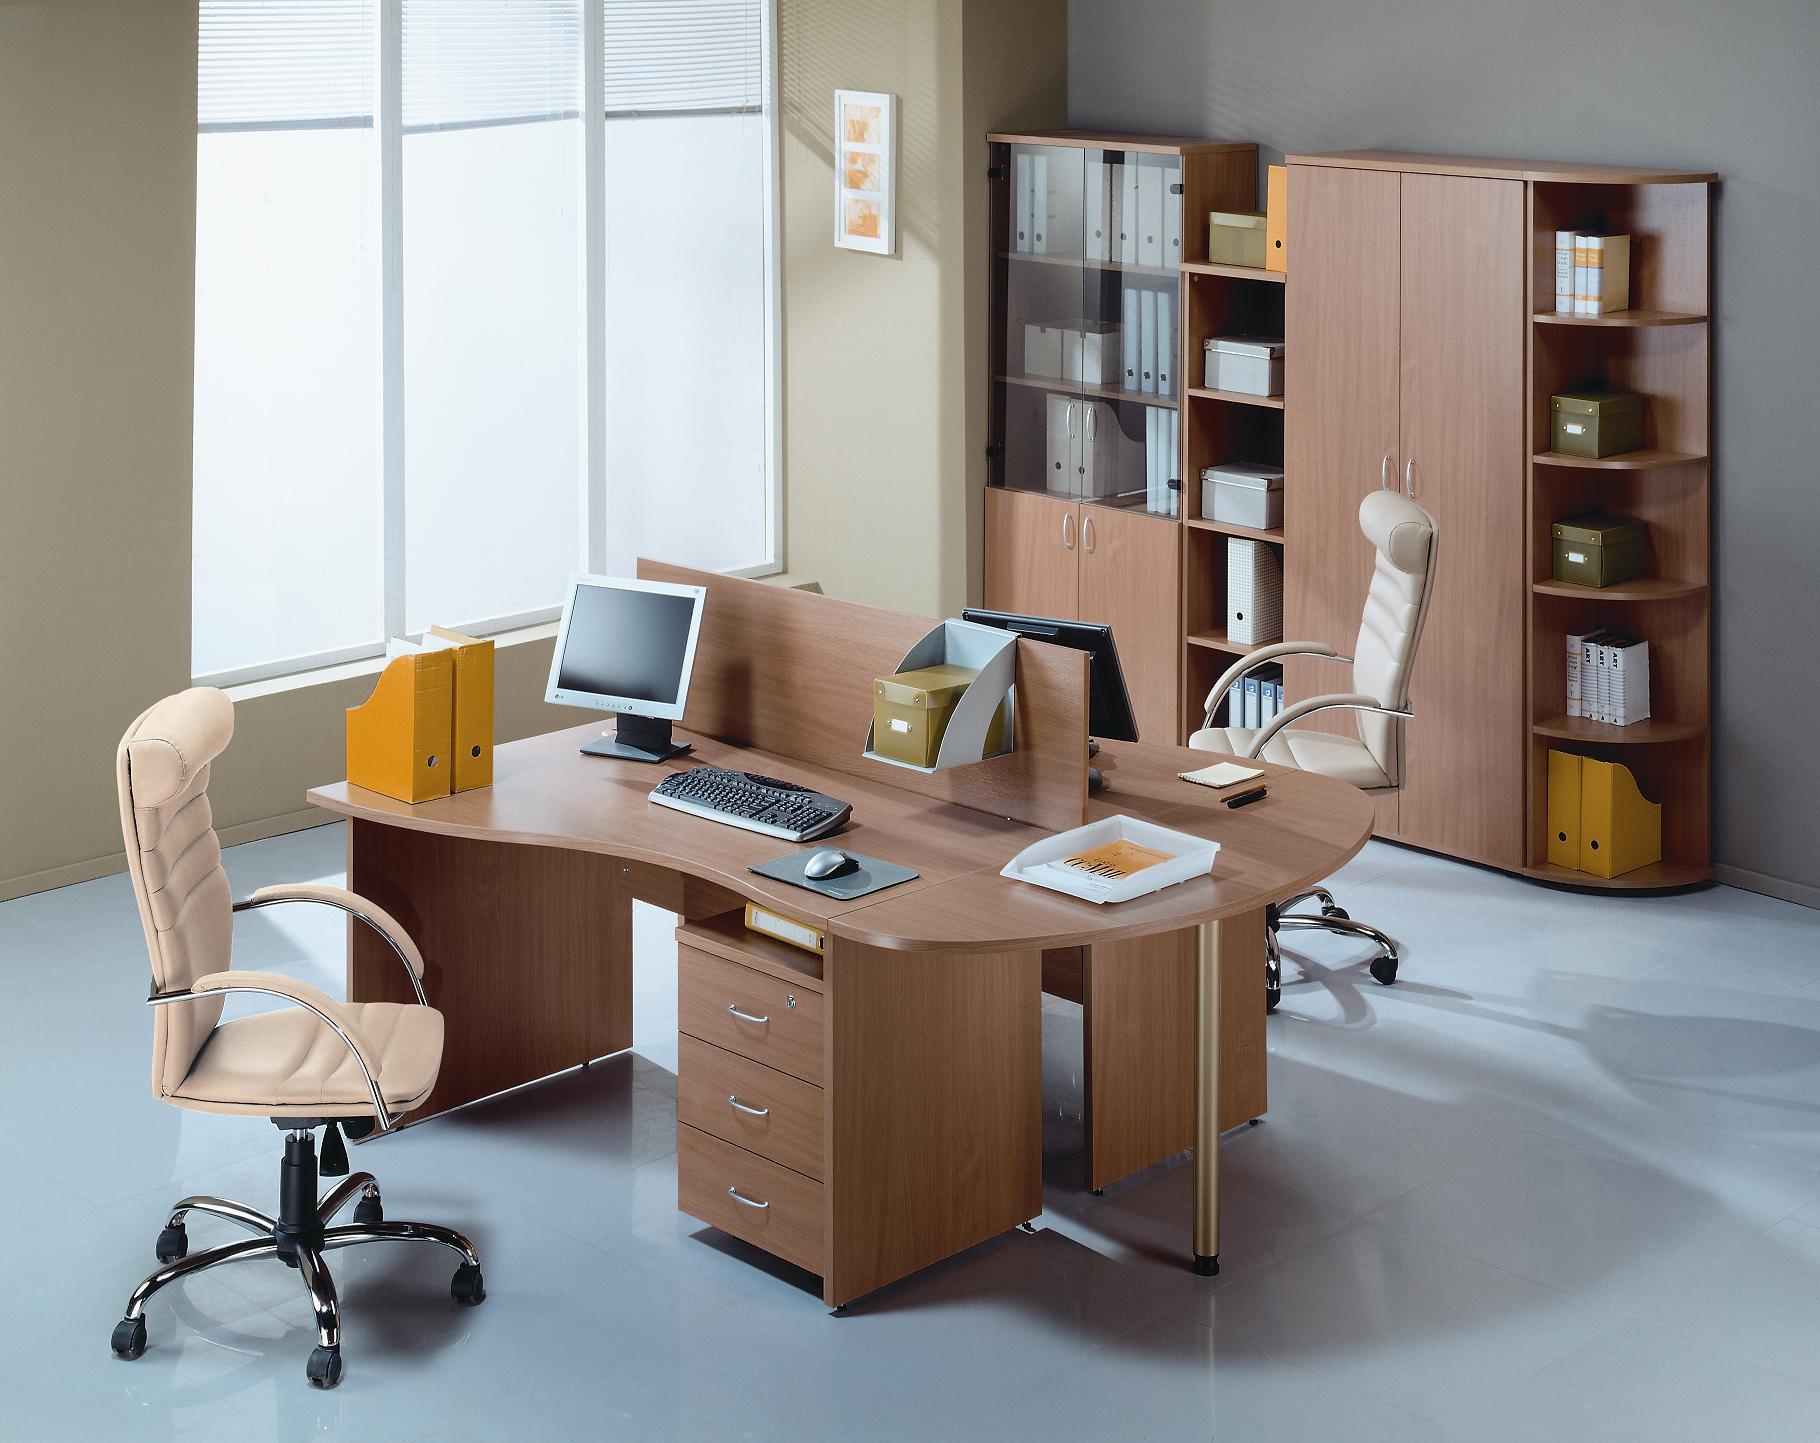 Сногшибательная офисная мебель в интерьере